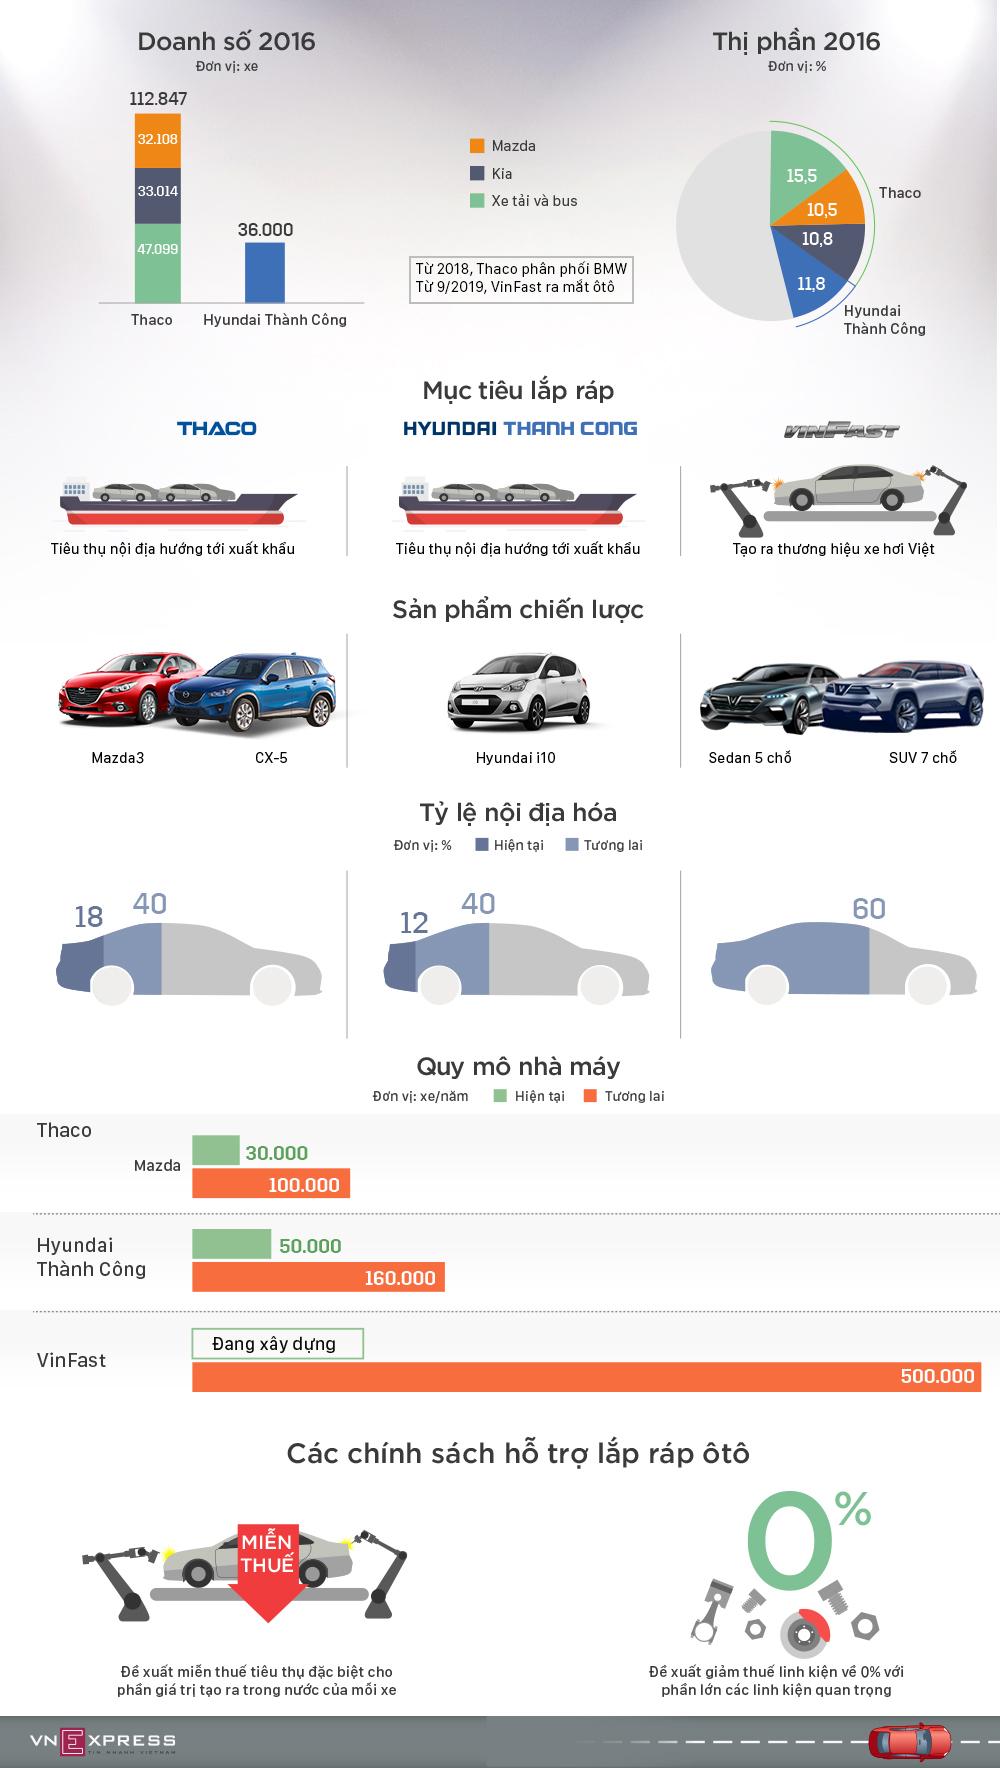 Tham vọng của ba 'ông lớn' sản xuất ôtô trong nước tại Việt Nam